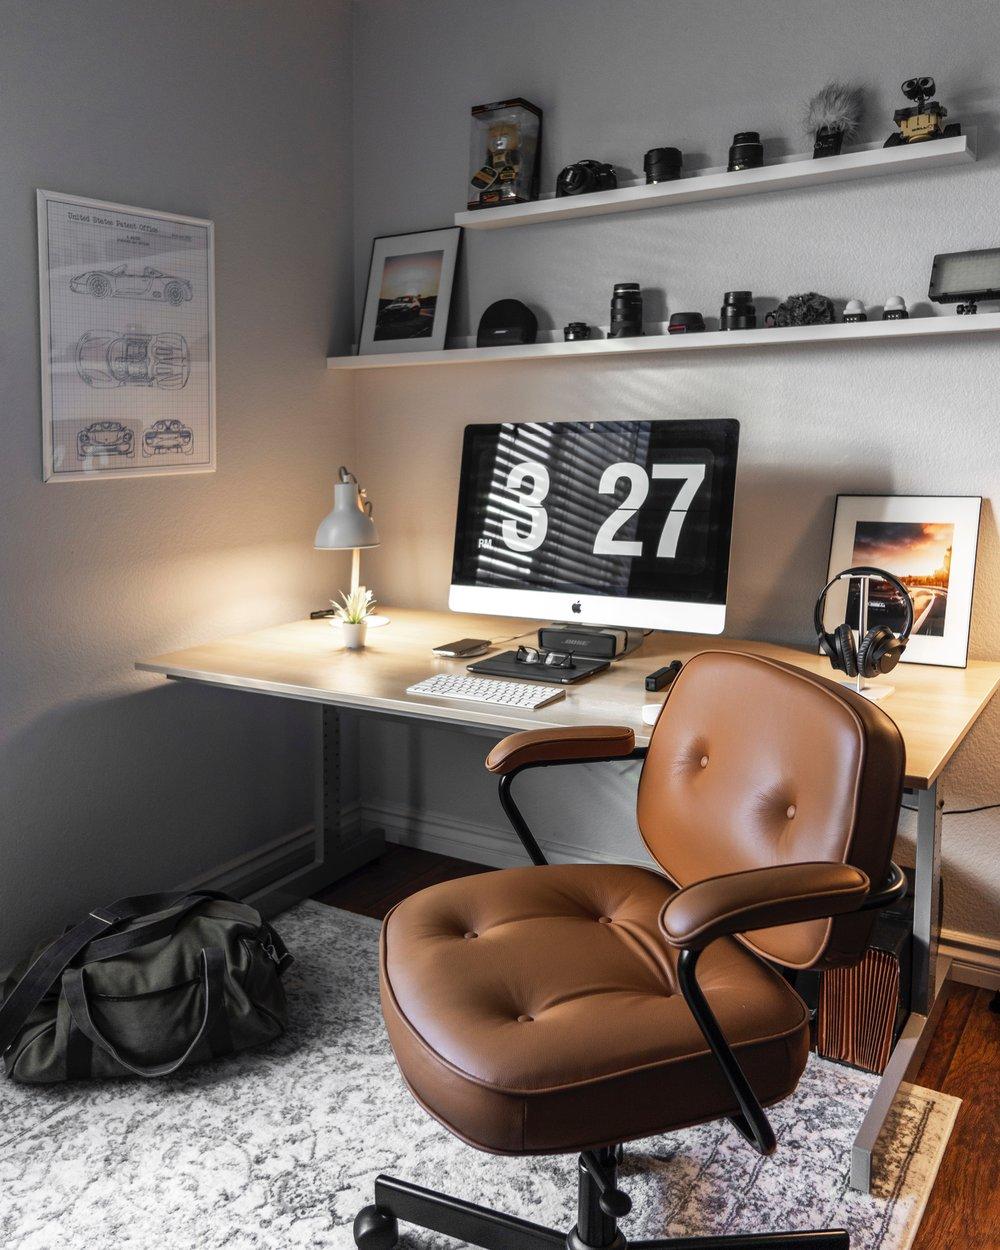 bk-designs-atlanta-interior-designers-create-unique-spaces.jpg